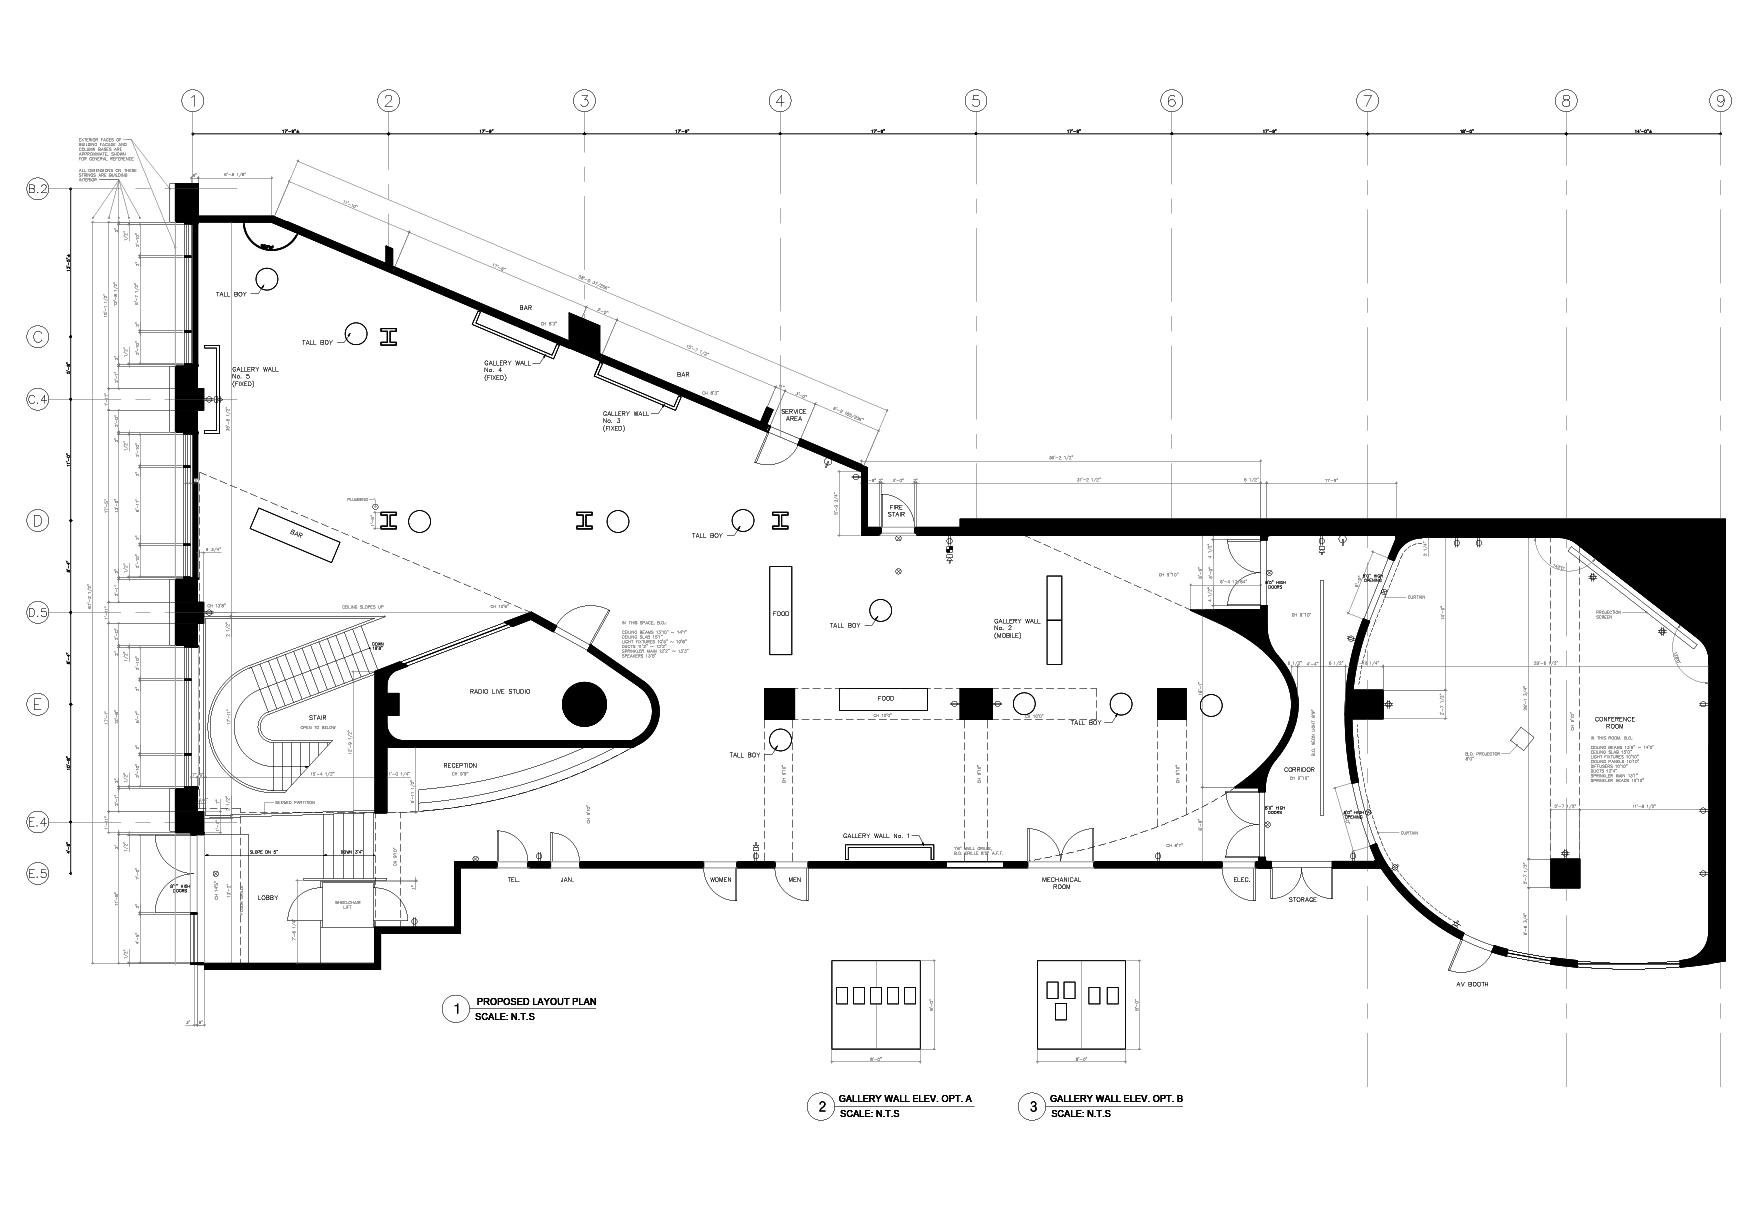 redbullV2_plan.jpg